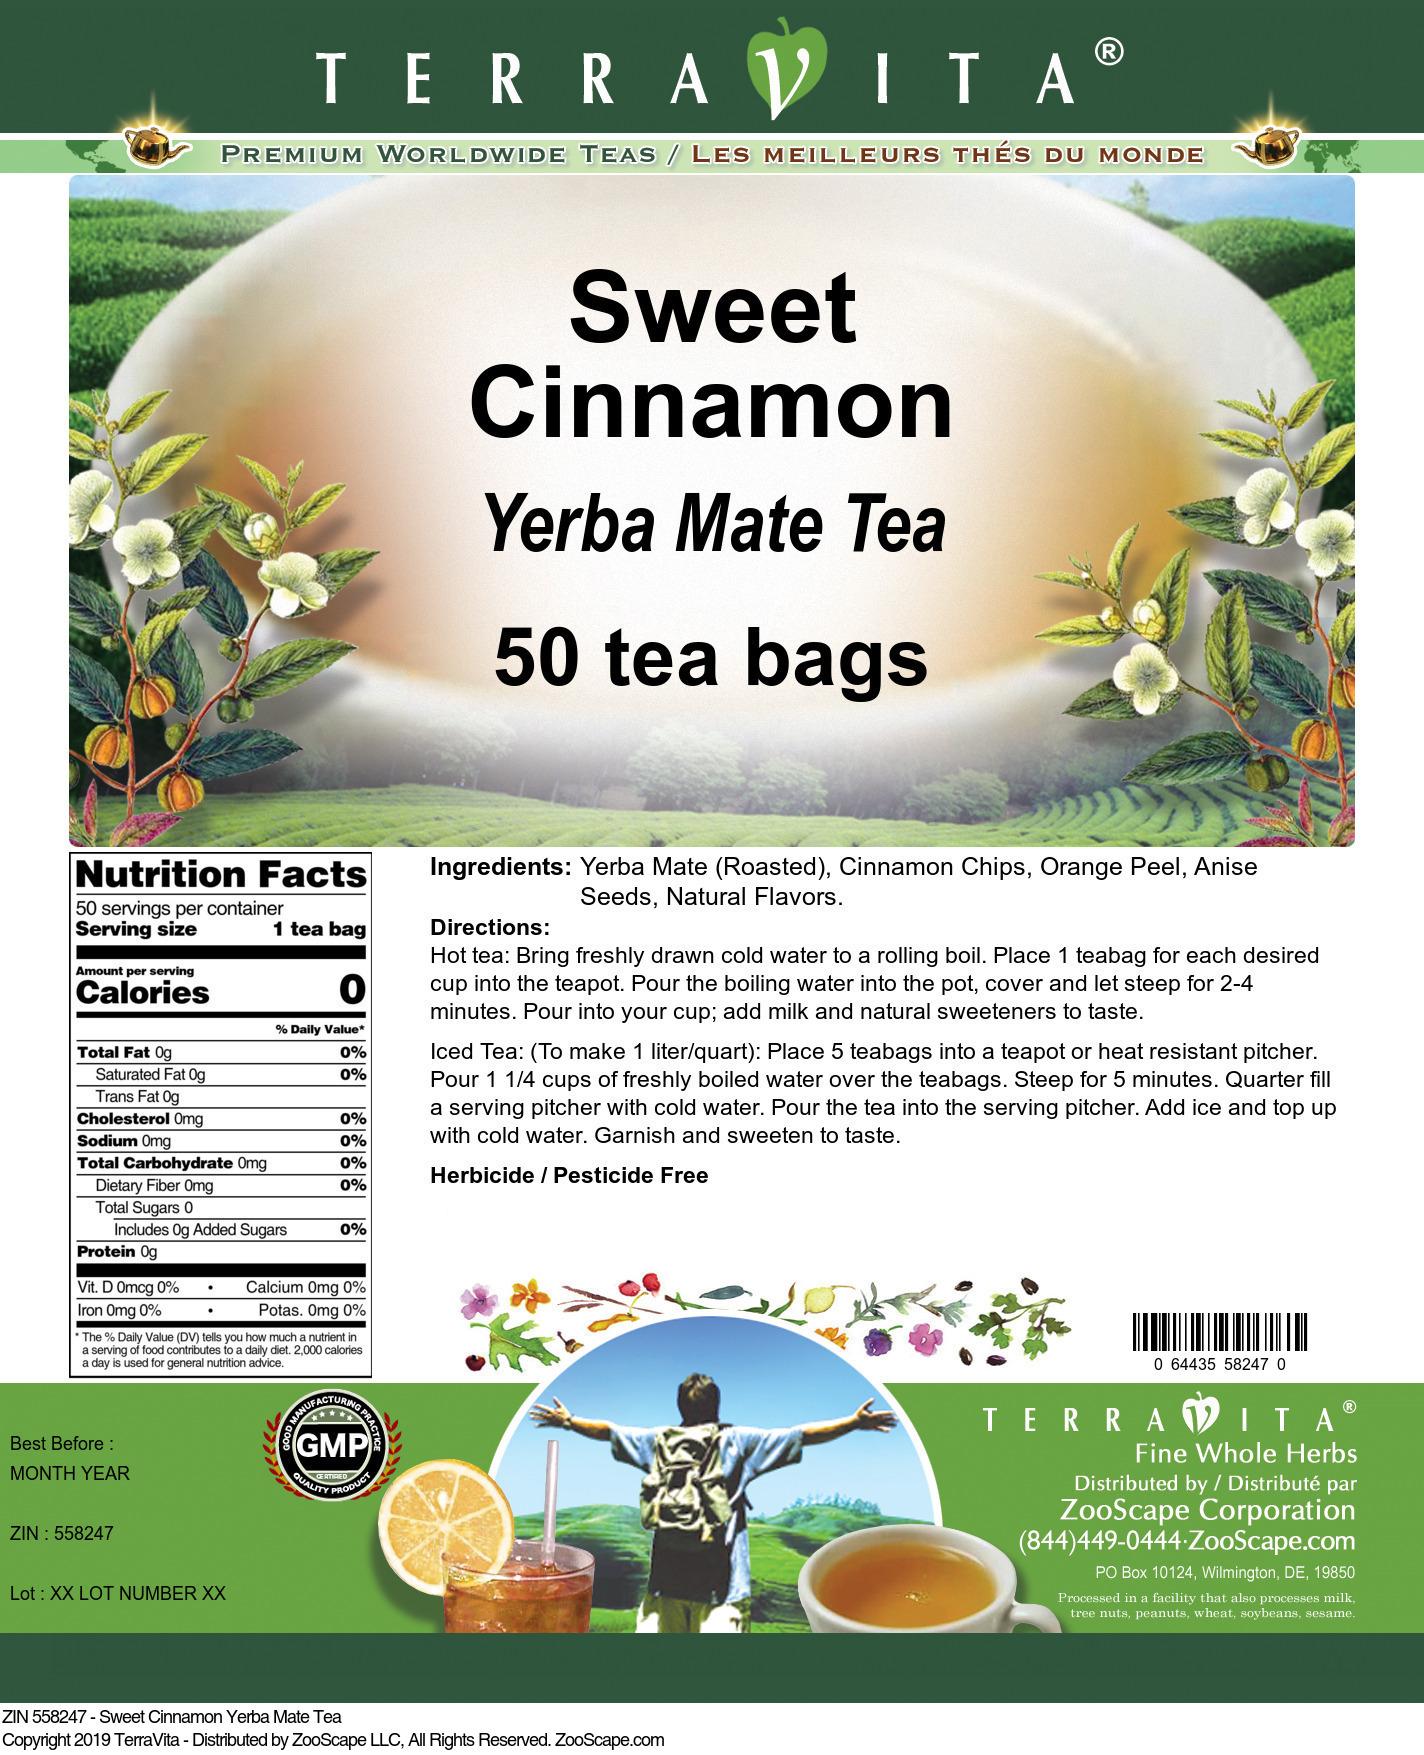 Sweet Cinnamon Yerba Mate Tea